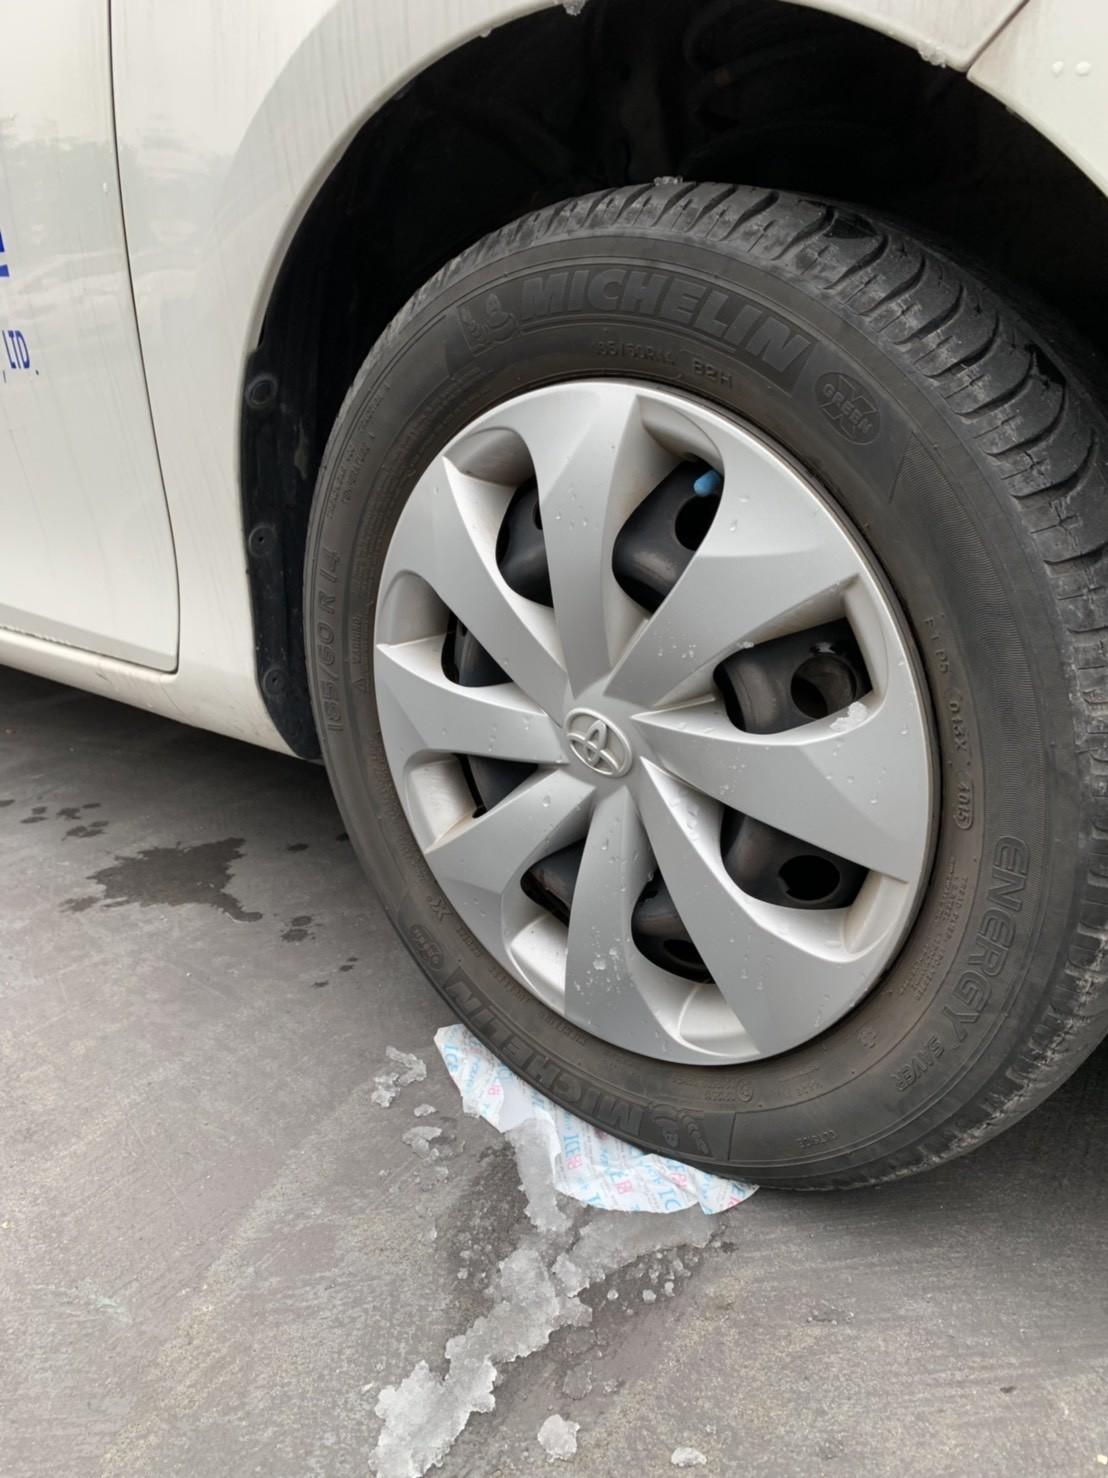 軟式保冷劑壓力測試-VIOS汽車-炸裂了